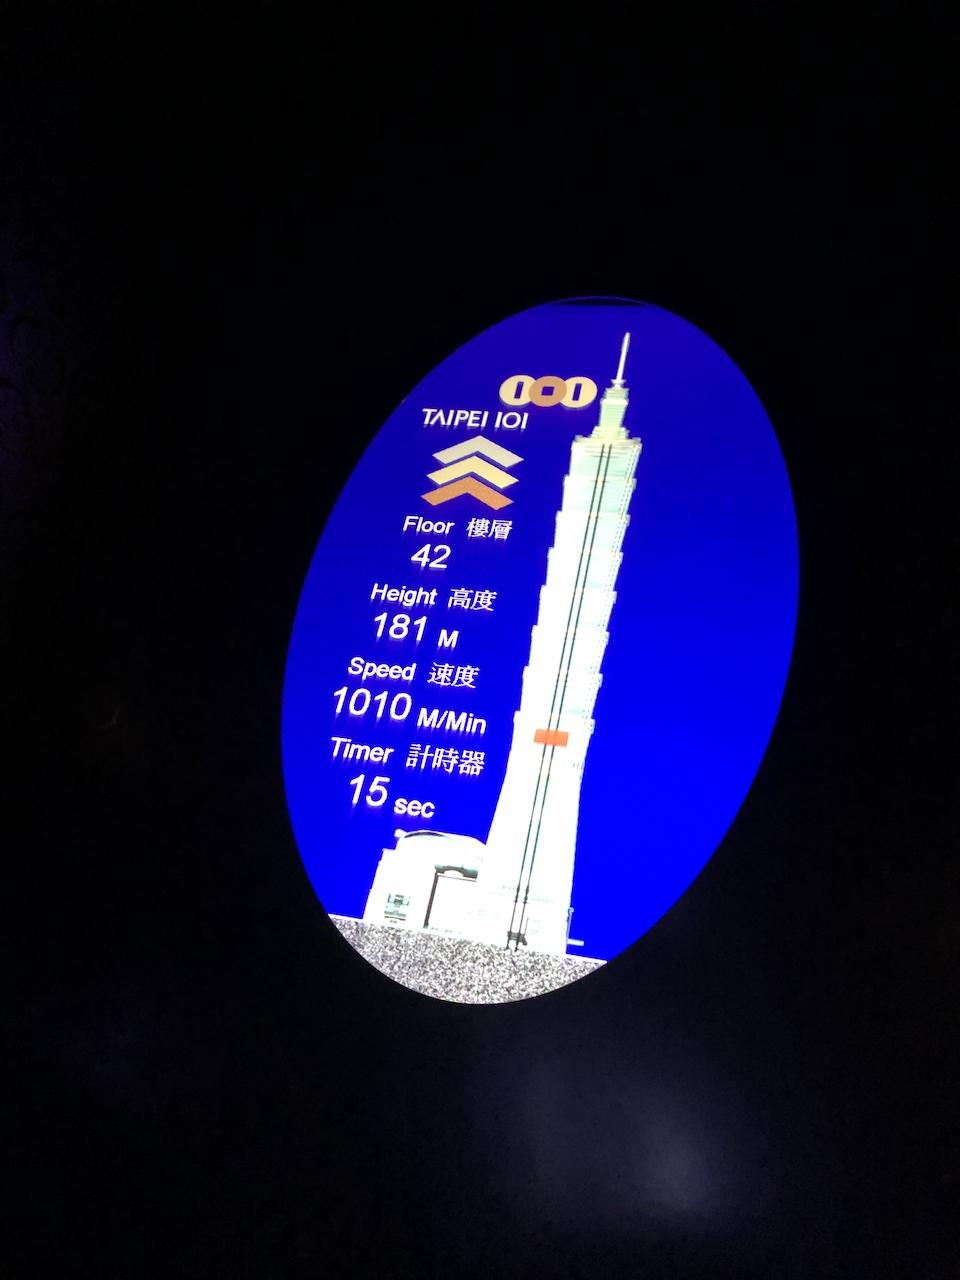 【4度目の台湾で初の台北101】展望台への行き方や料金などをご紹介!